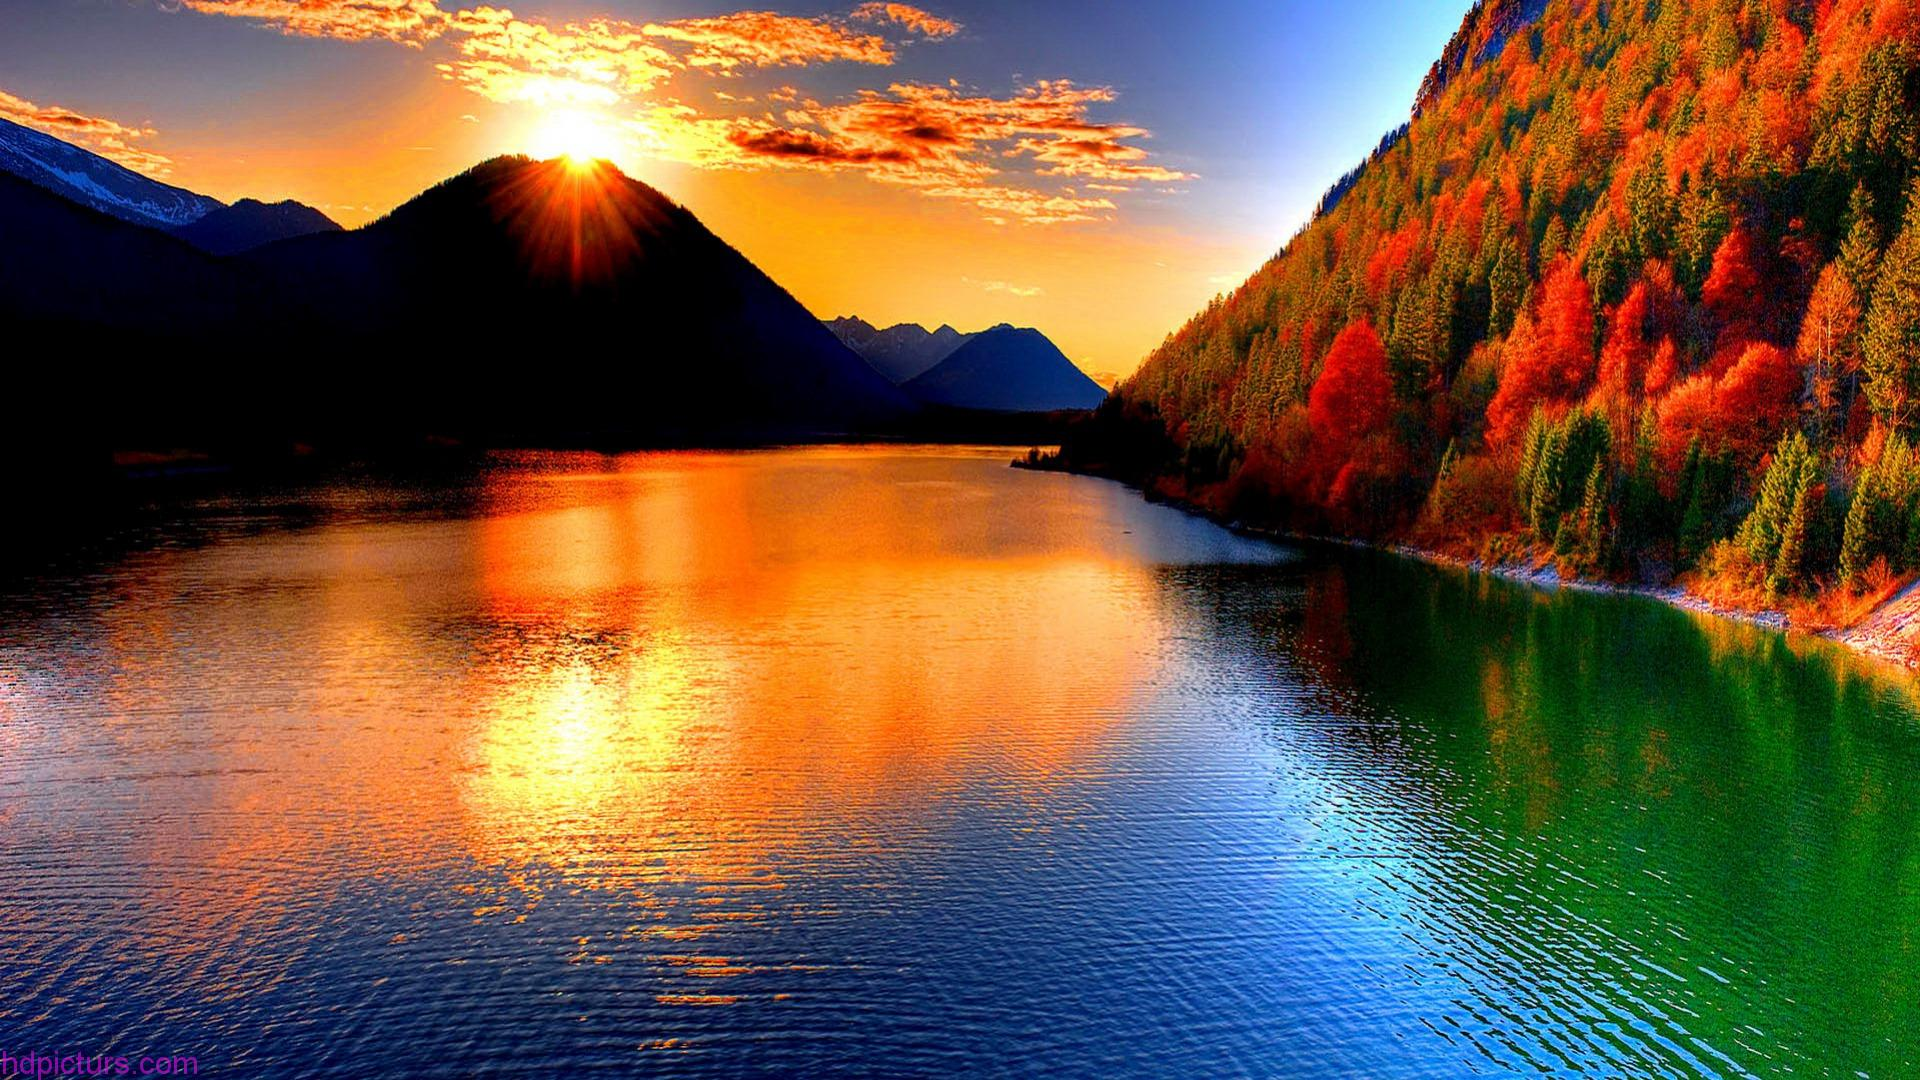 بالصور منظر جميل , احلي المناظر الطبيعية 5181 6